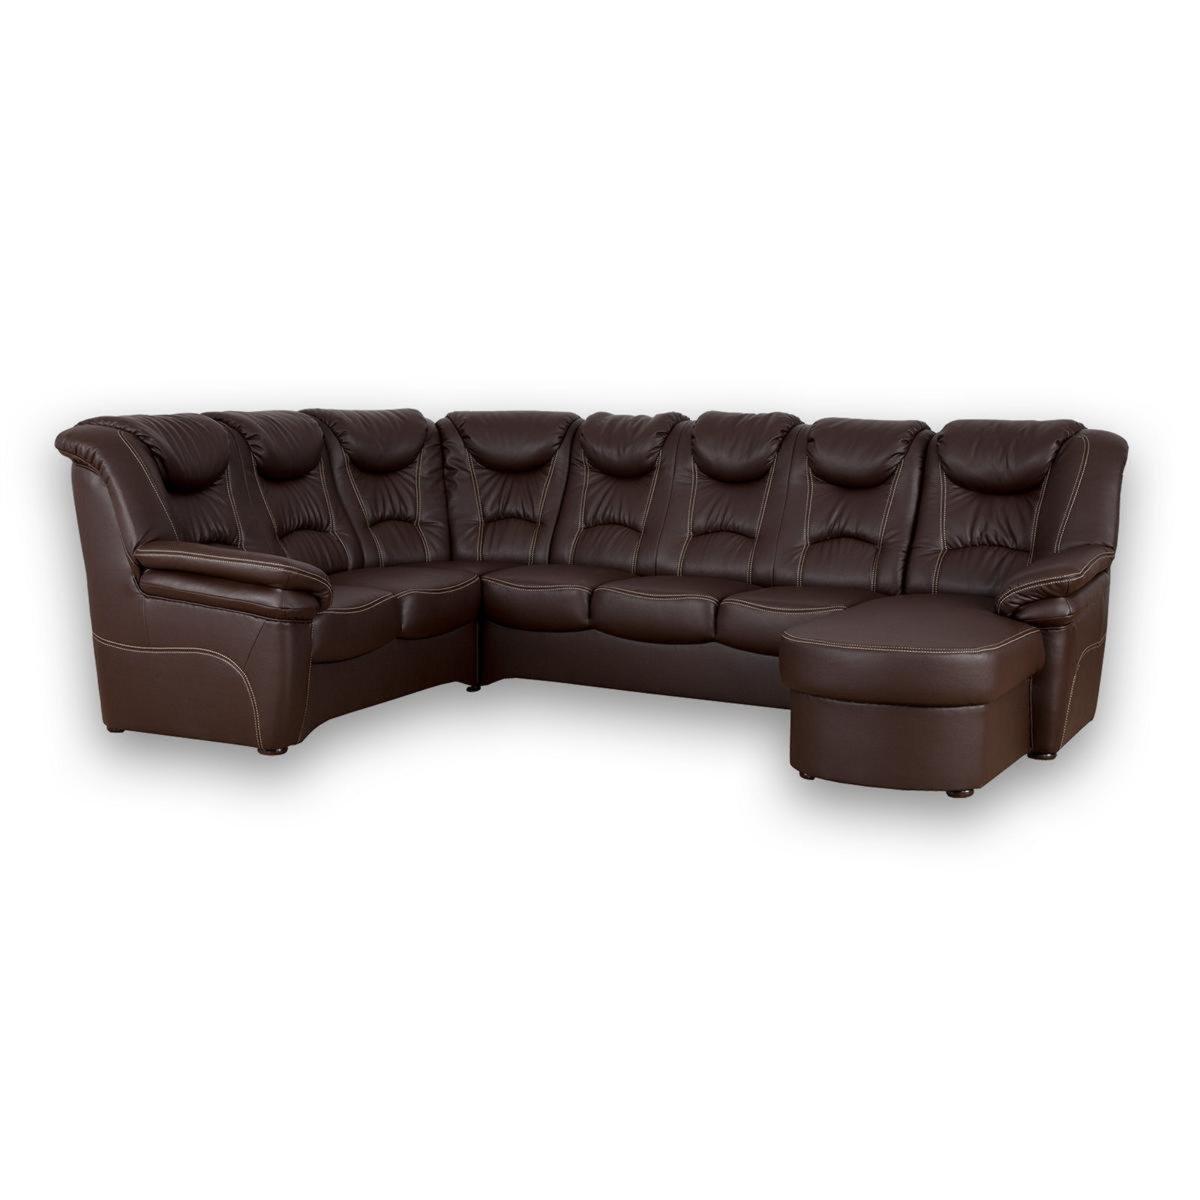 Wohnlandschaft mit Funktion TALOS | Möbel preiswert online kaufen ...